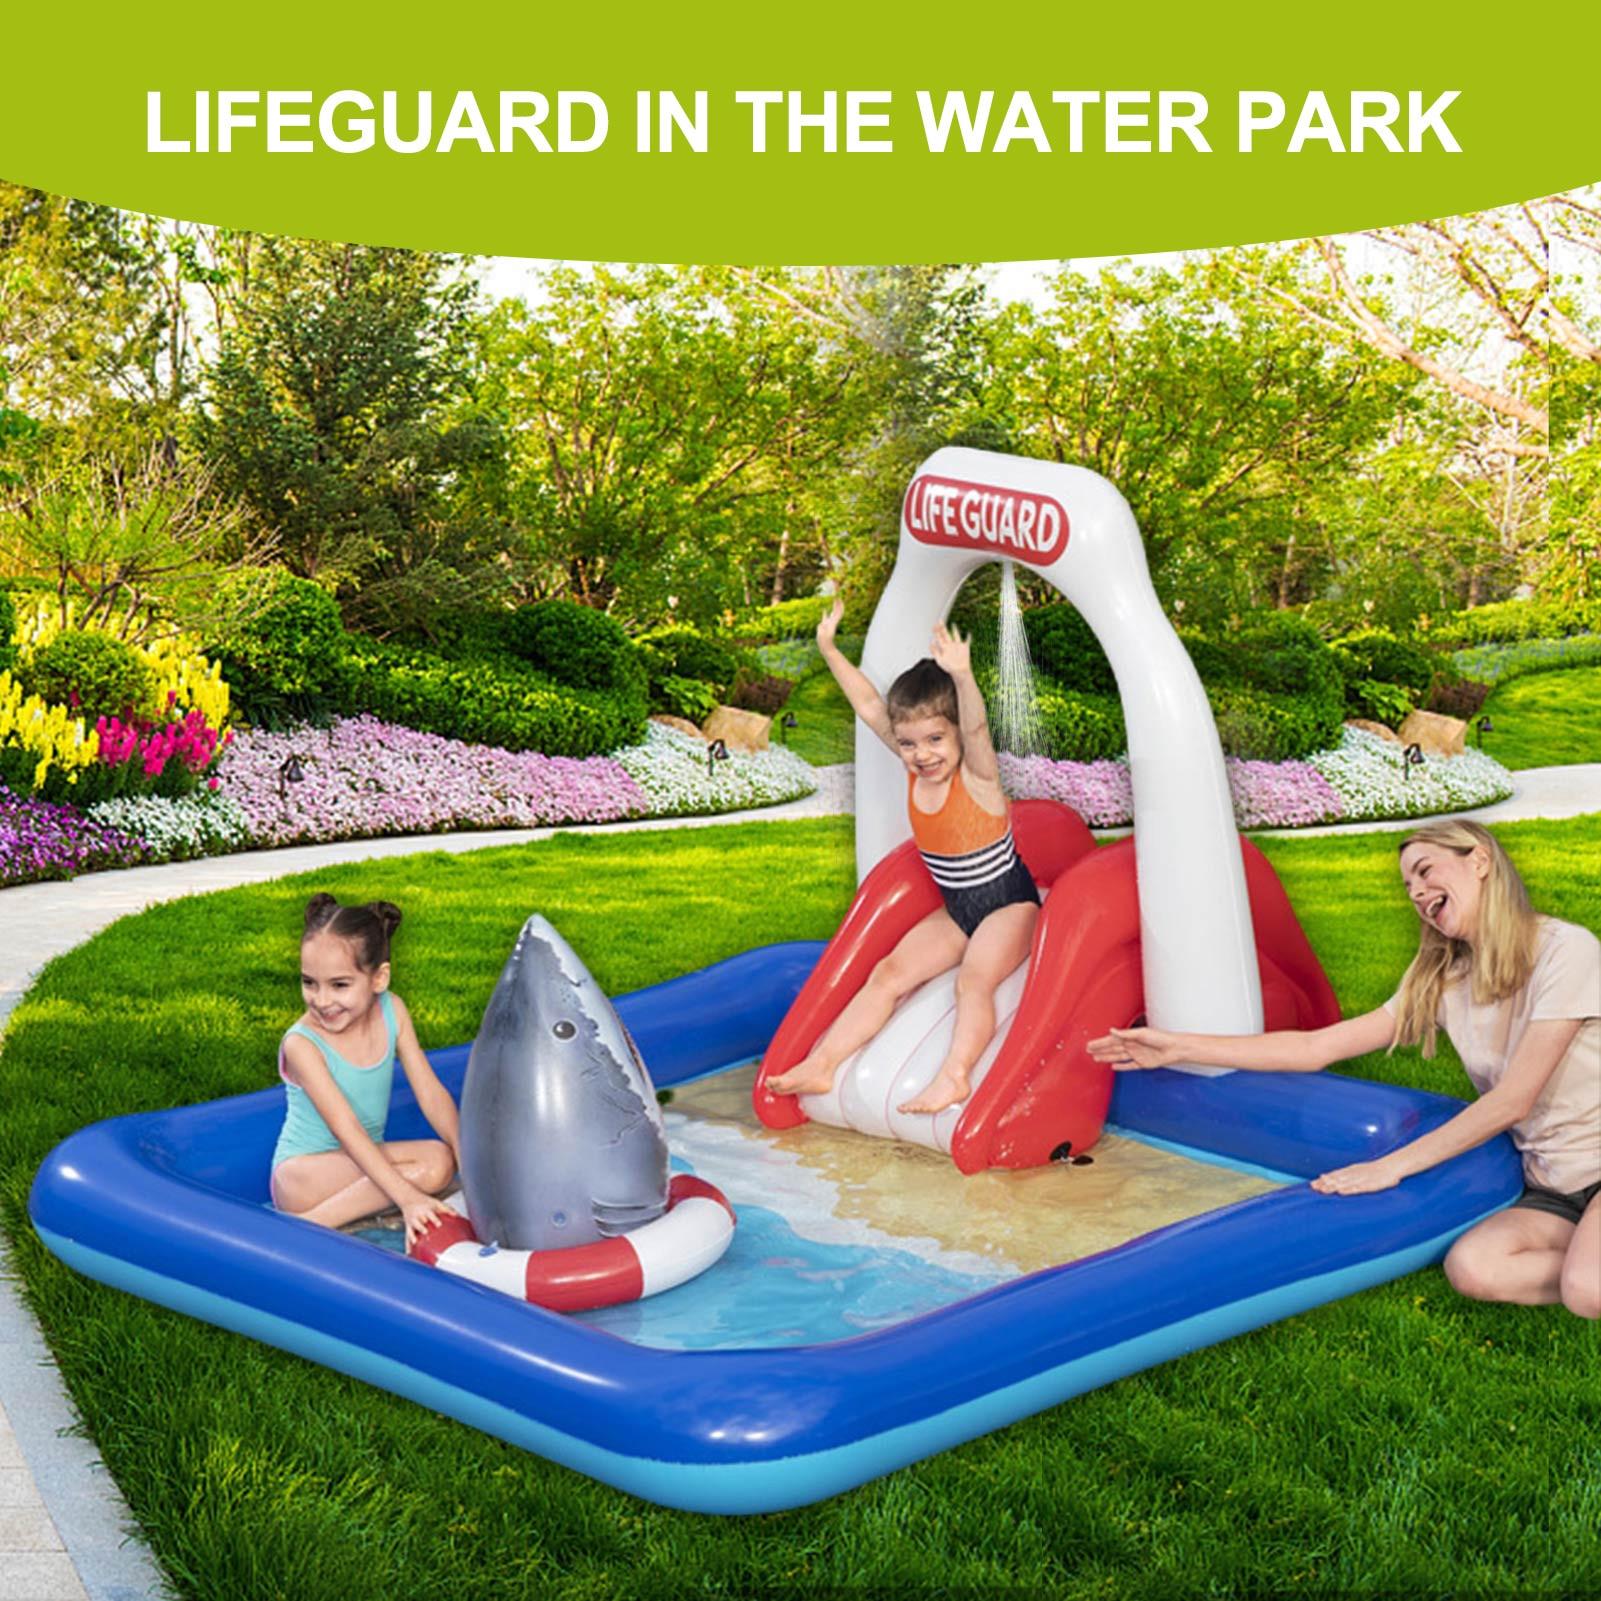 طفل الكبار الأطفال الأزرق حديقة اللعب في الهواء الطلق غطاء حمام سباحة psquine Gonflable الأسرة حوض سباحة قابل للنفخ فوق الأرض حمام سباحة